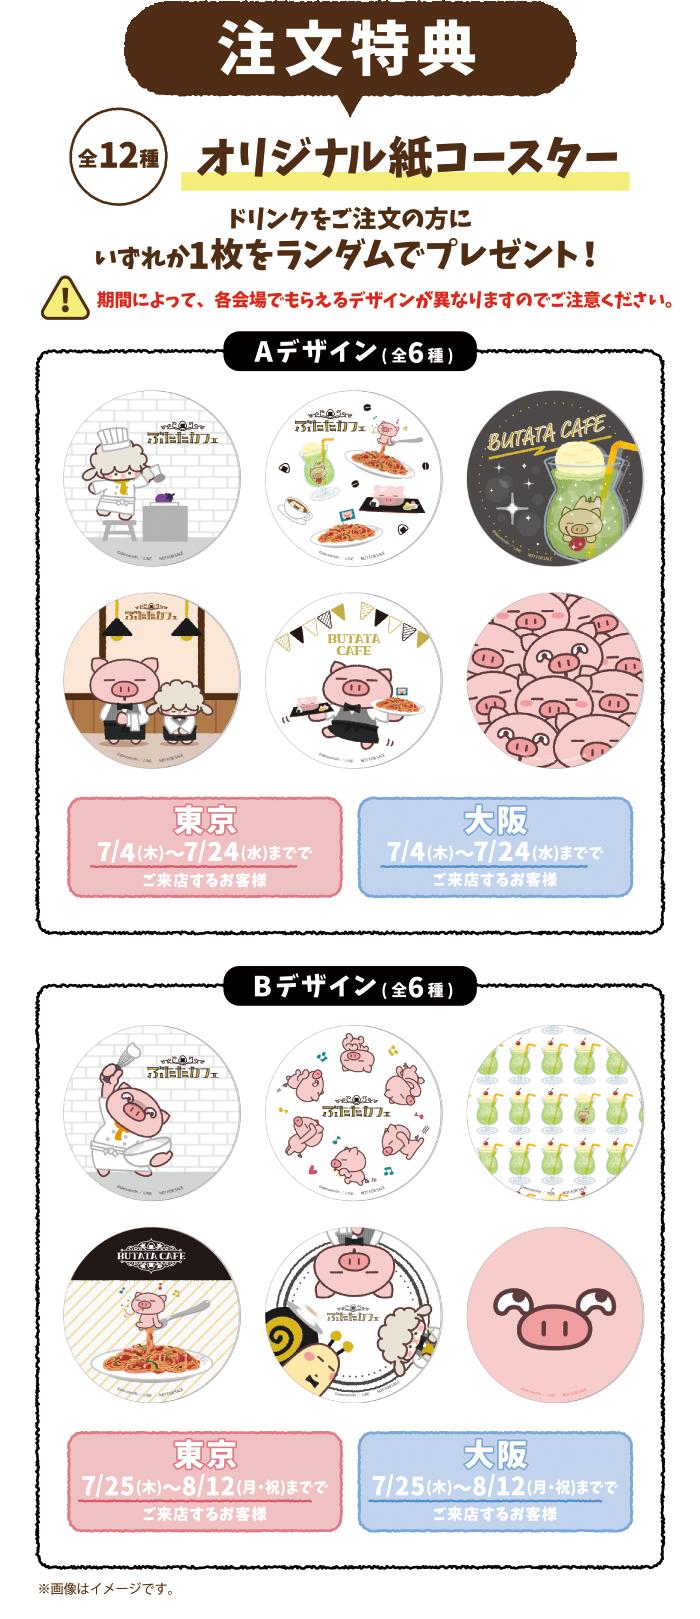 web_butatacafe_novelty_paper_coaster